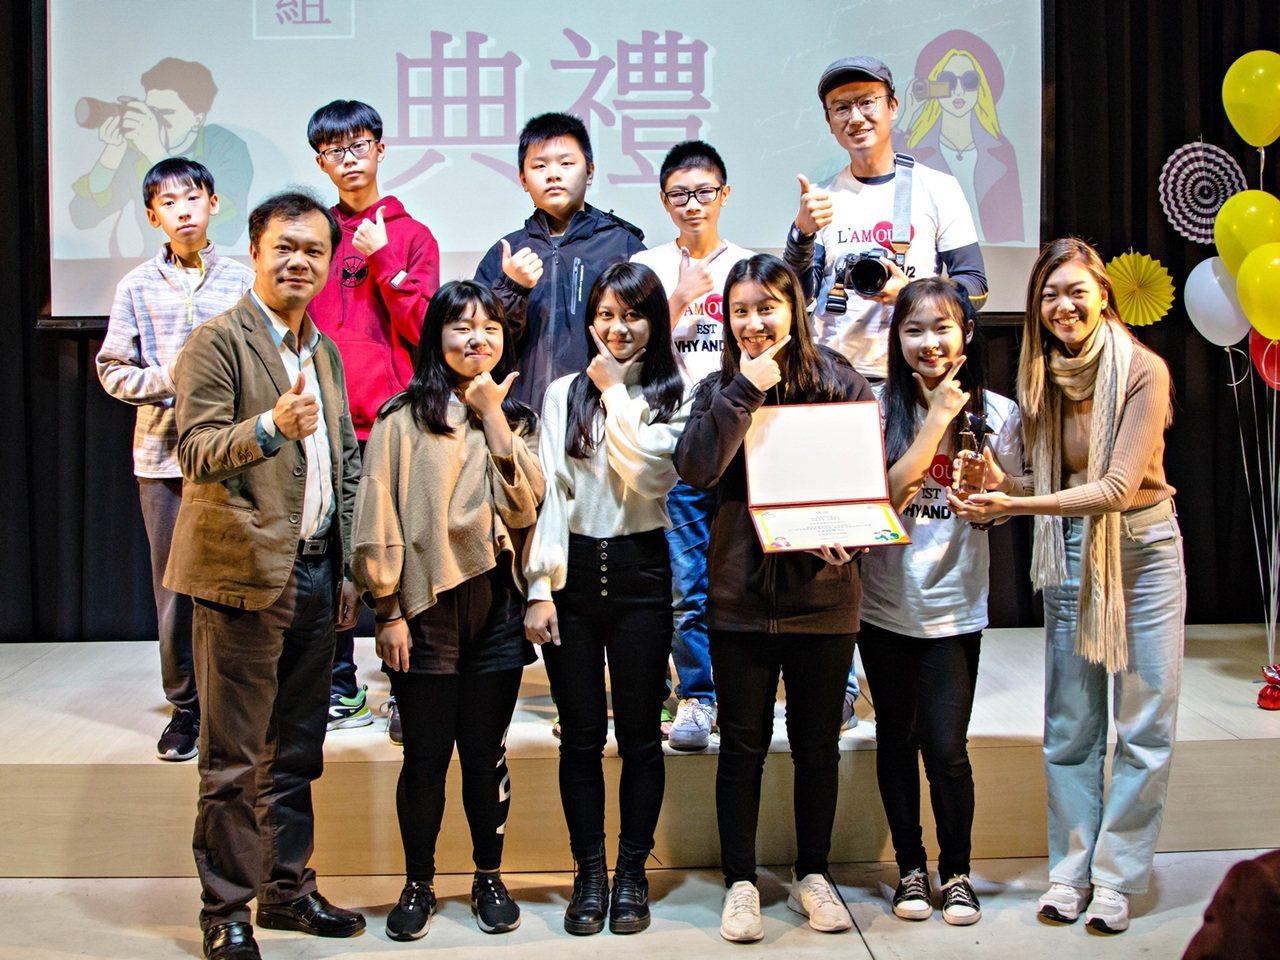 國華國中學生以「國華校歌MV」參賽,榮獲特優獎。 圖/縣府提供